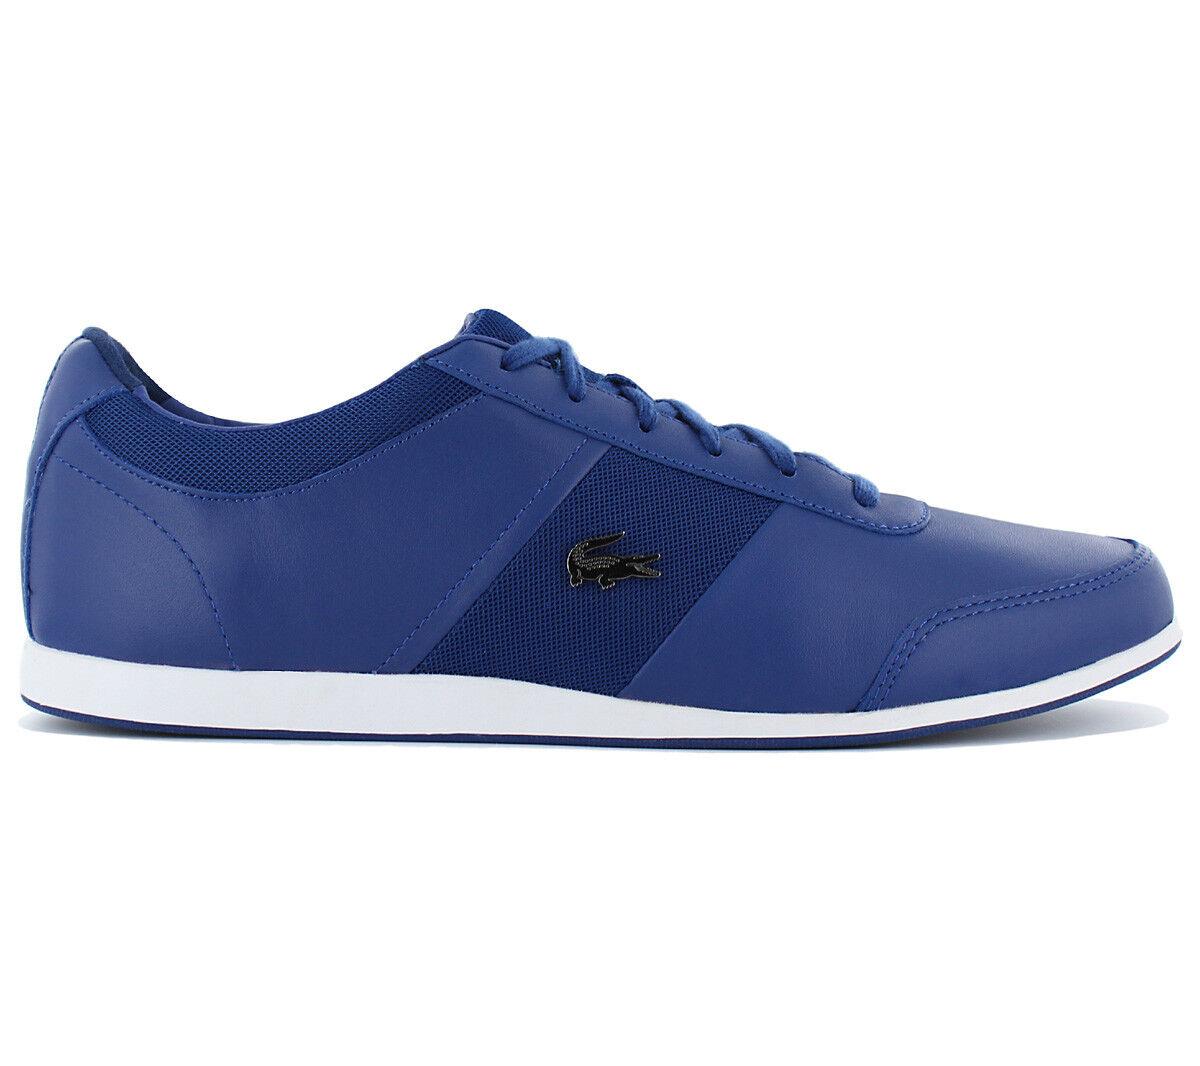 Lacoste Embrun 216 2 Cam Herren Schuhe Freizeit Sneaker Leder Blau NEU SALE